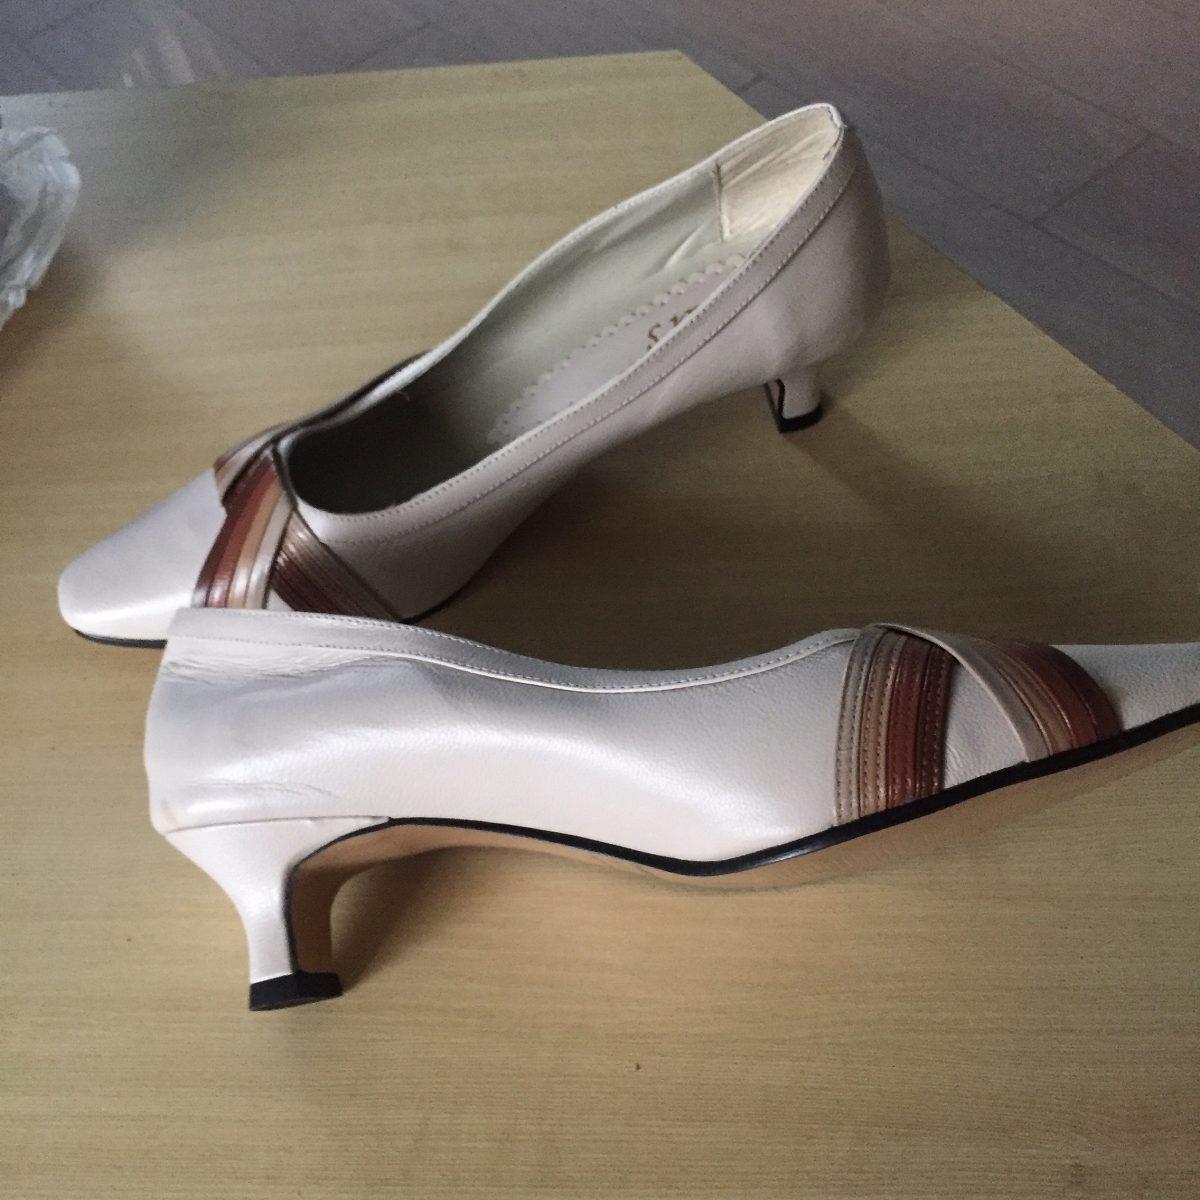 a7de69e15 sapato de mostruario com 60% ou mais barato que na loja. Carregando zoom.